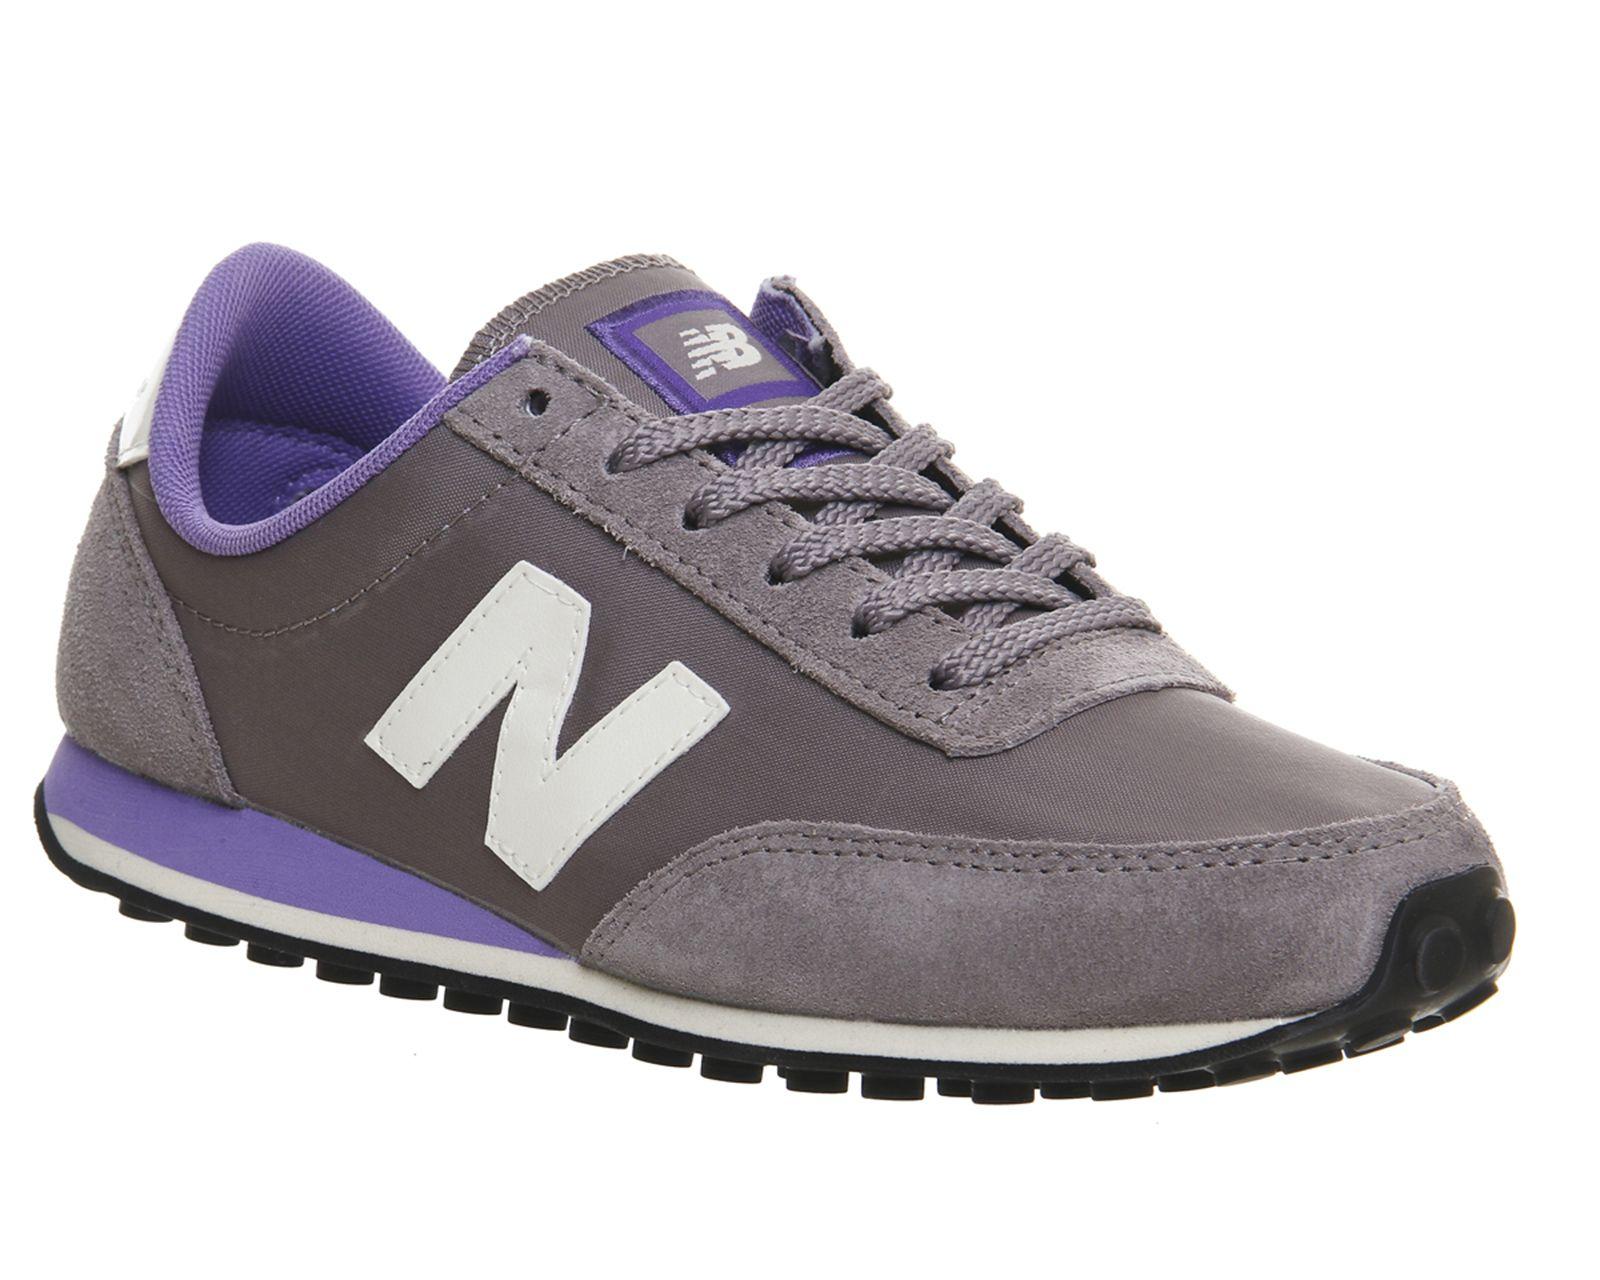 new balance 410 uk